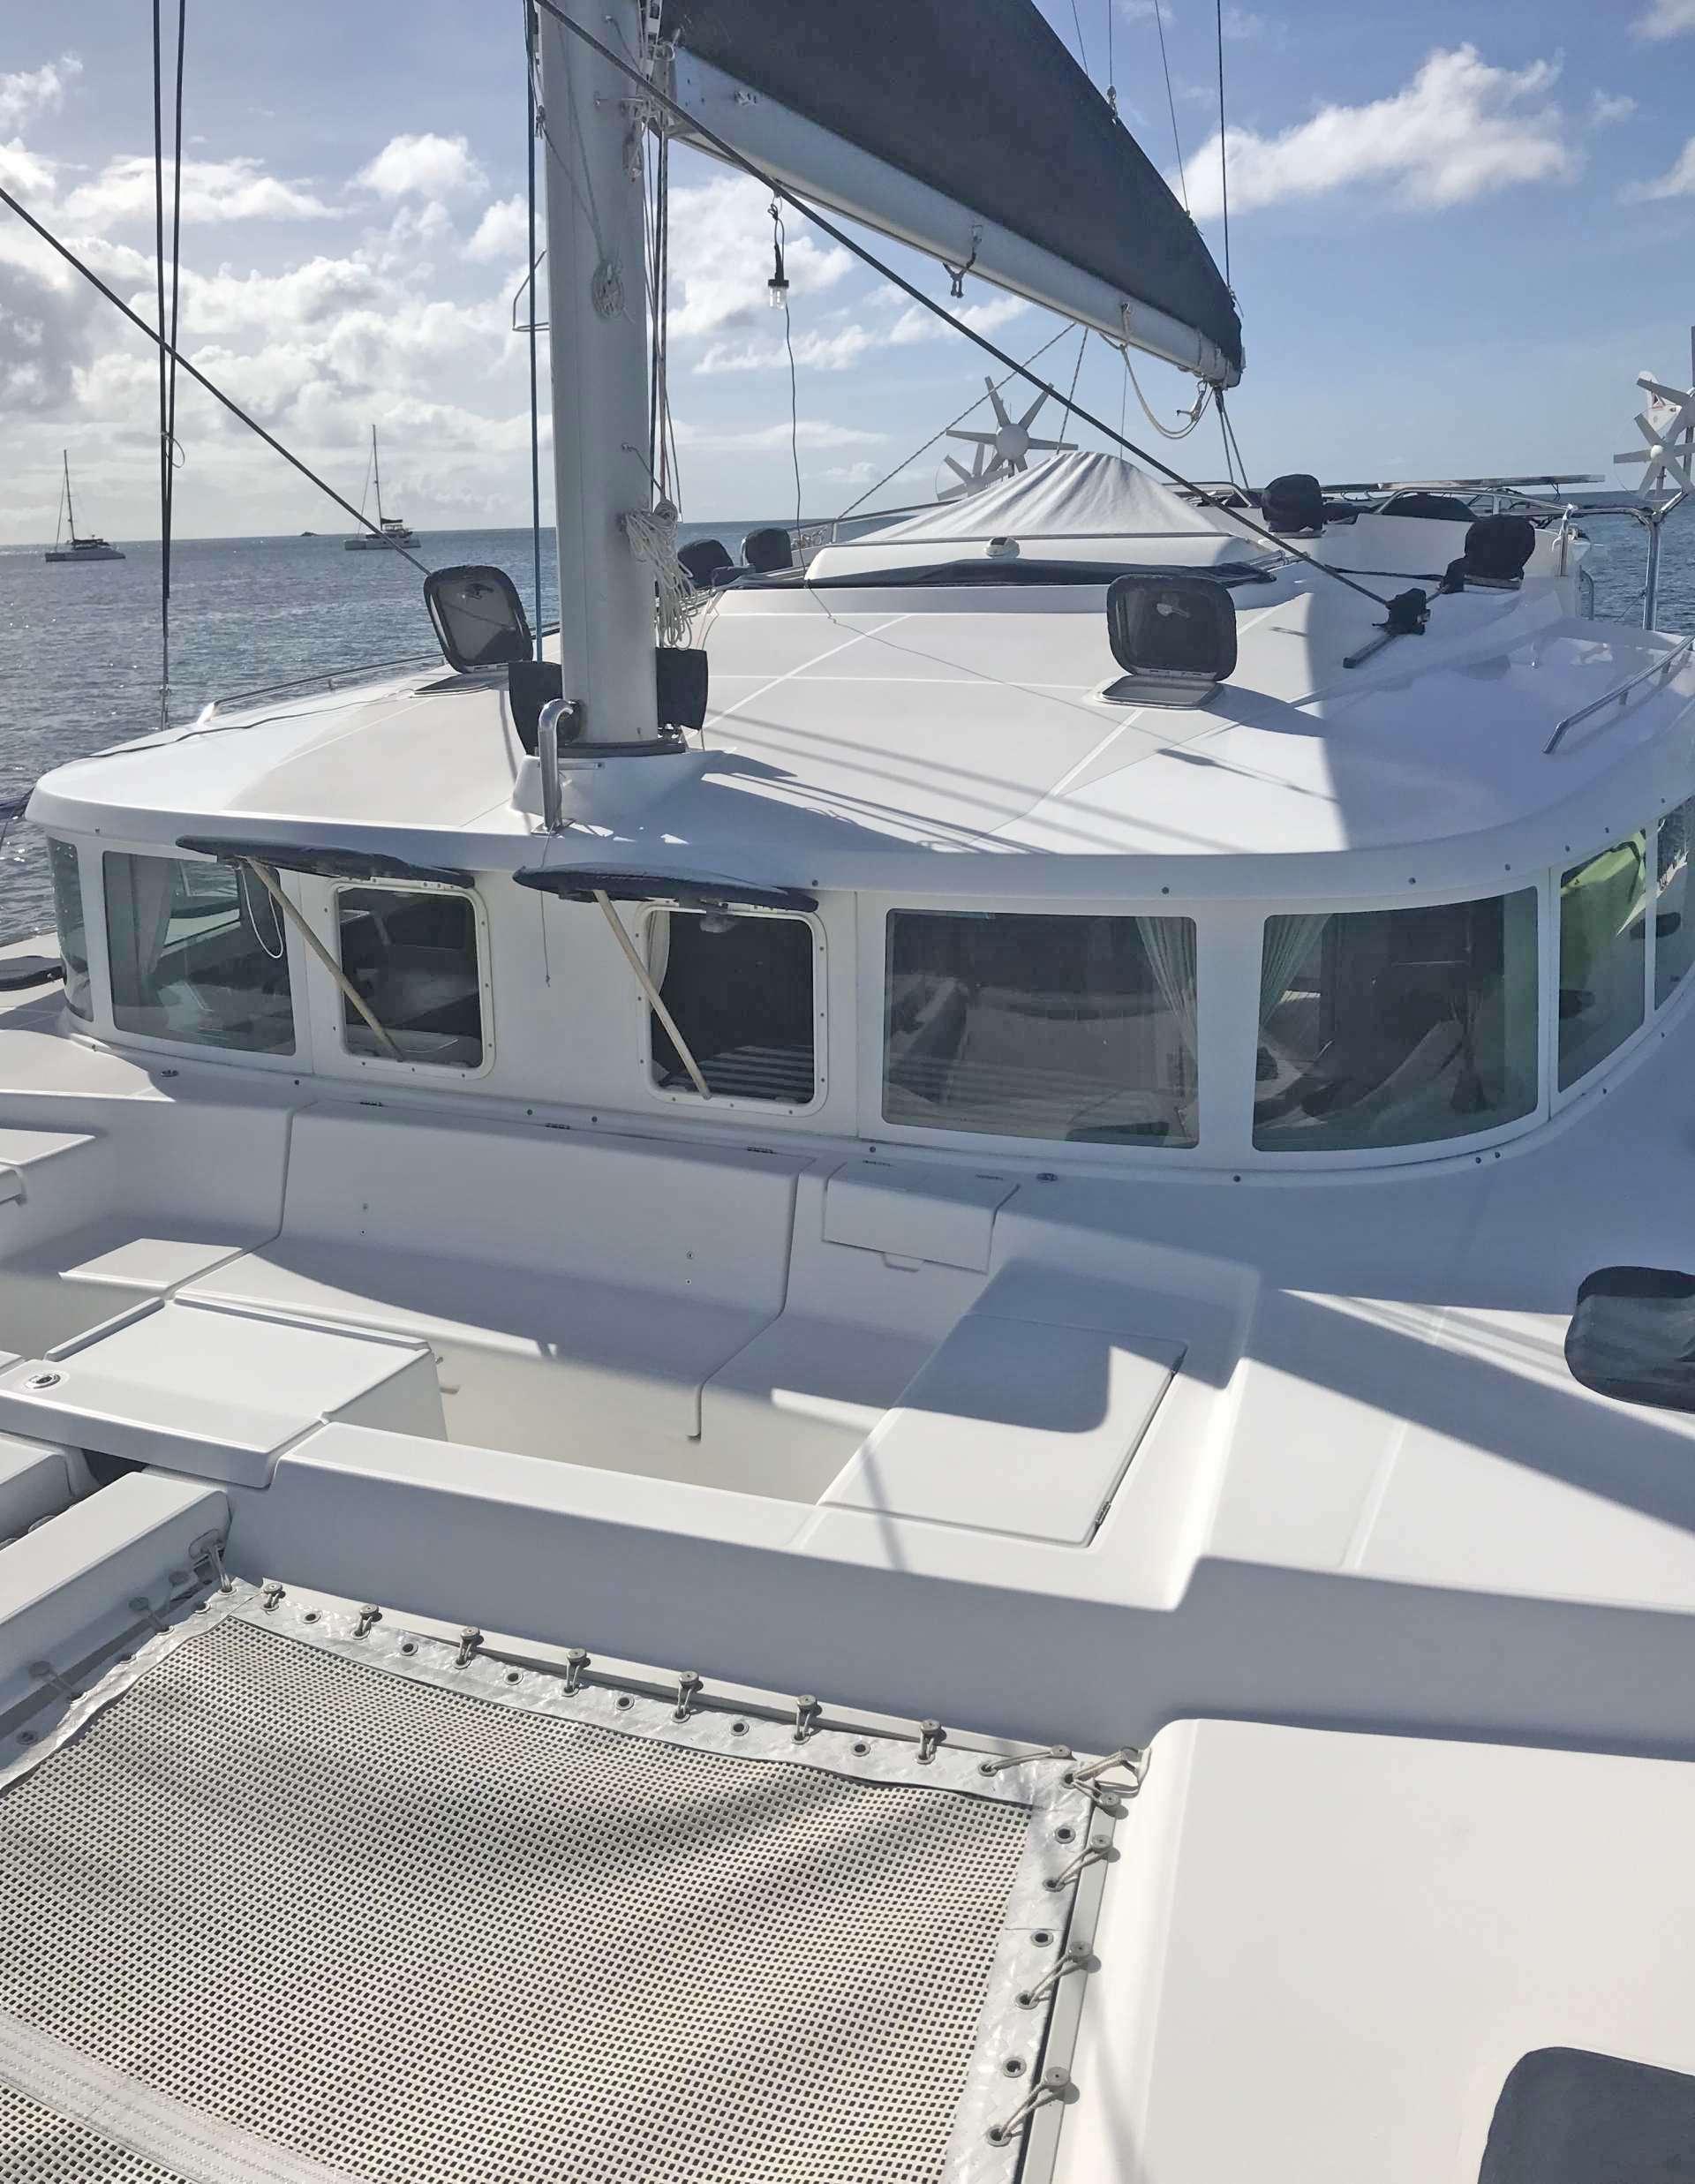 ALTITUDE ADJUSTMENT yacht image # 10